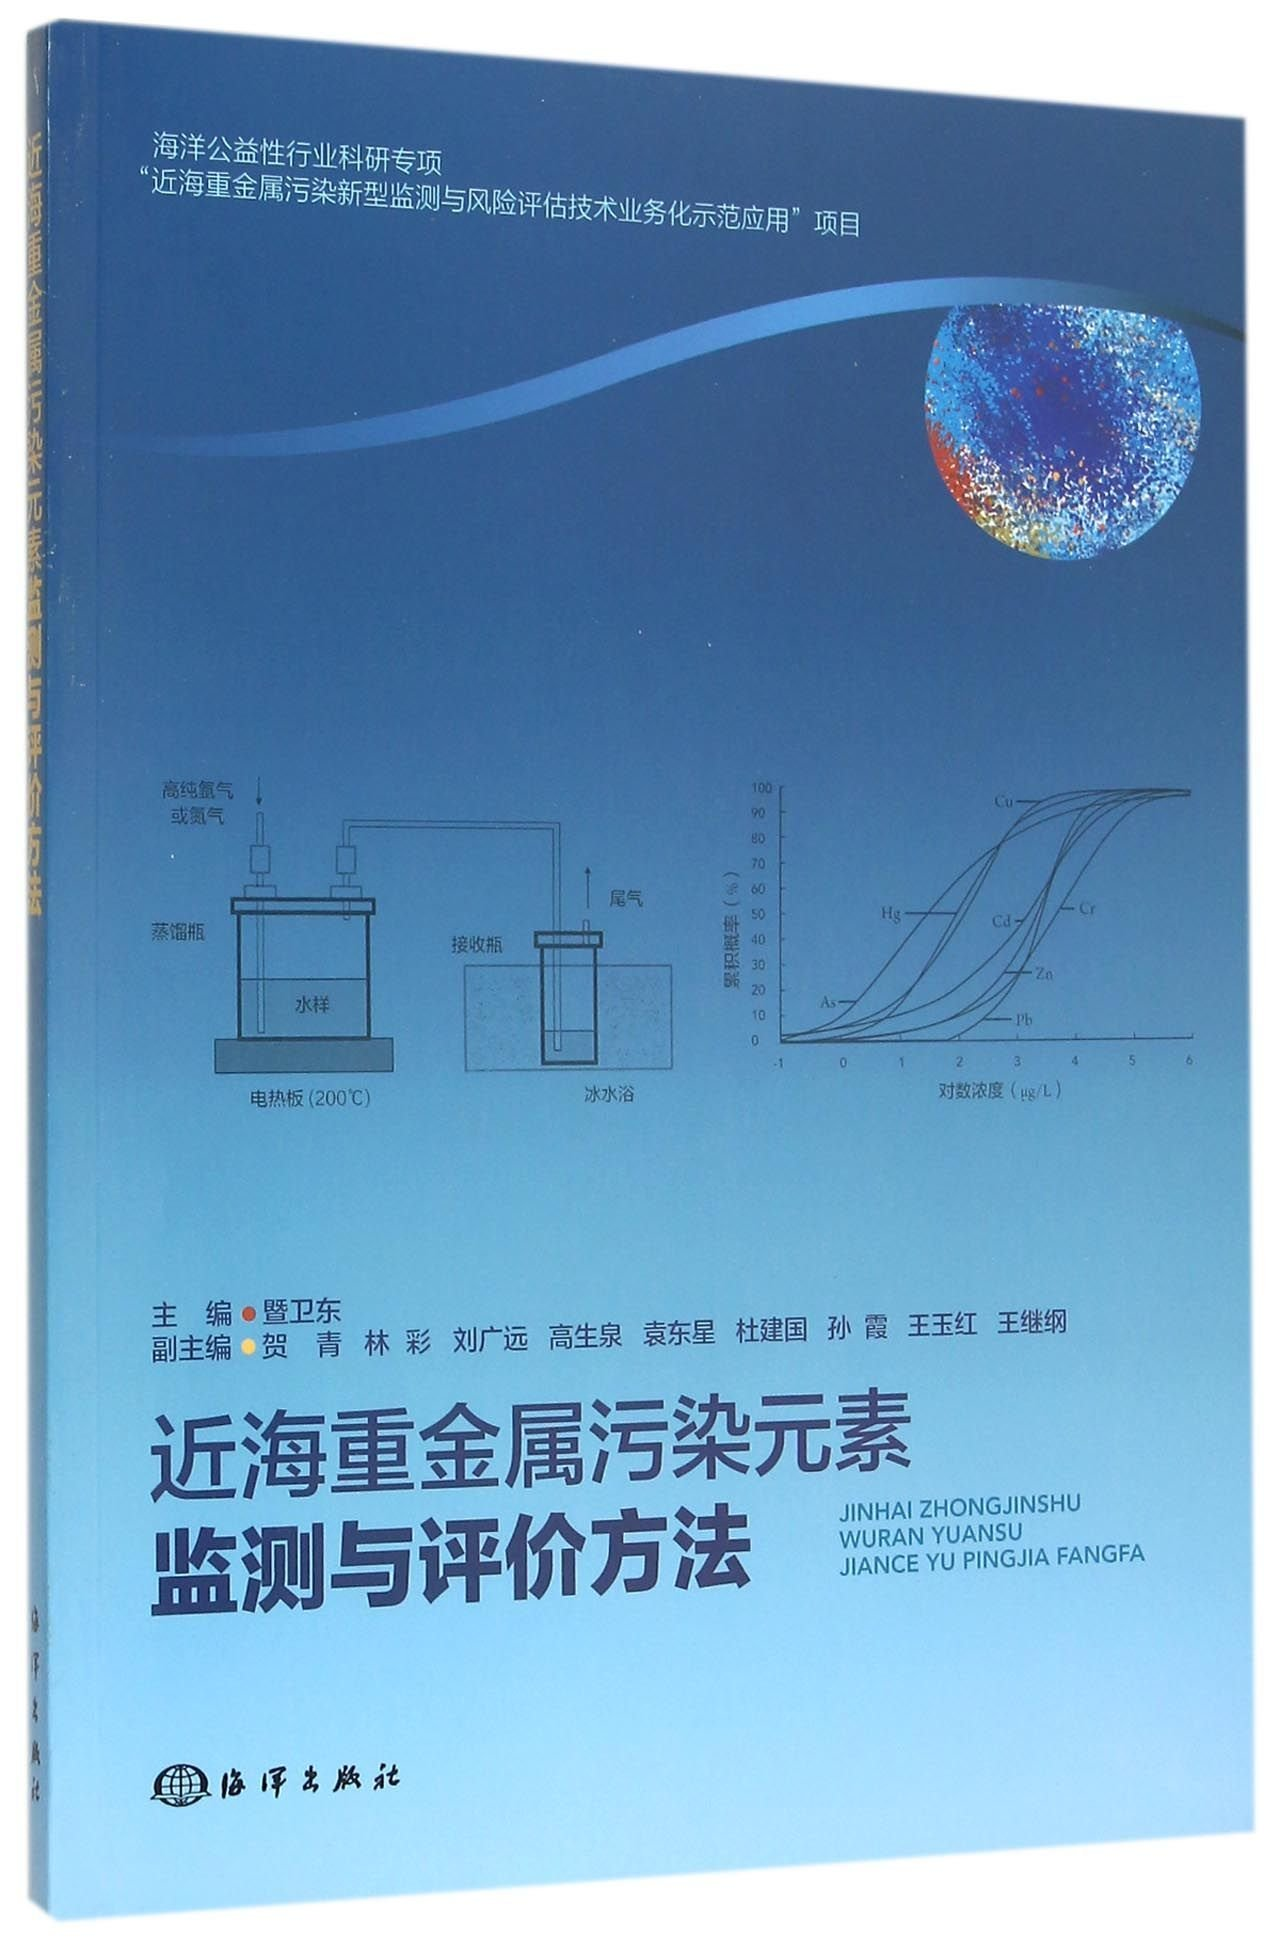 近海重金属污染元素监测与评价方法 ebook